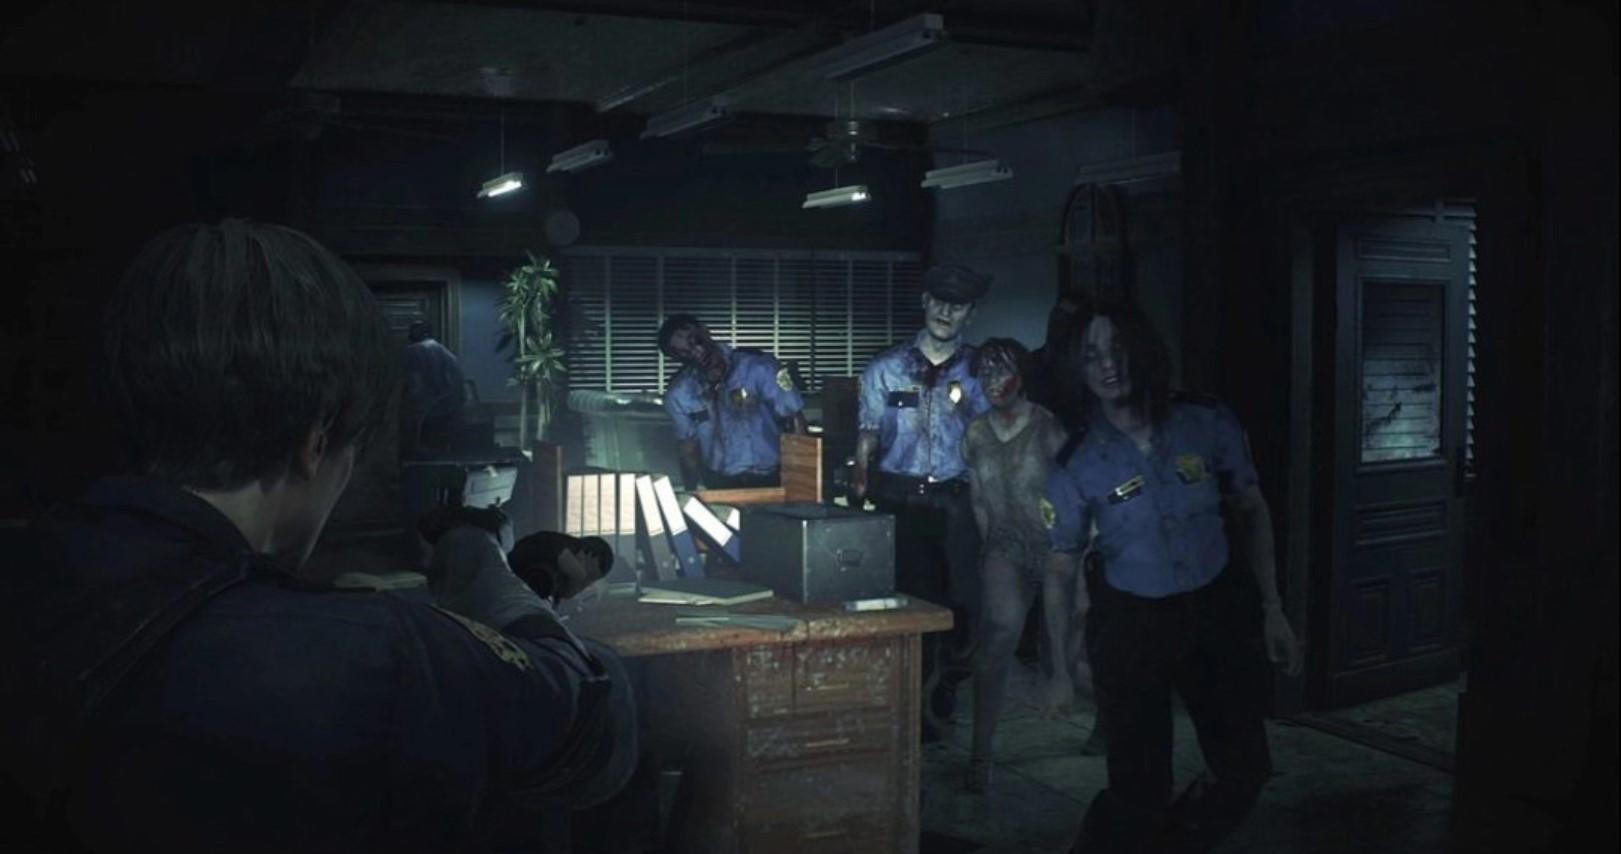 《生化危机2:重制版》 将有自动瞄准模式 自动瞄准敌人的弱点